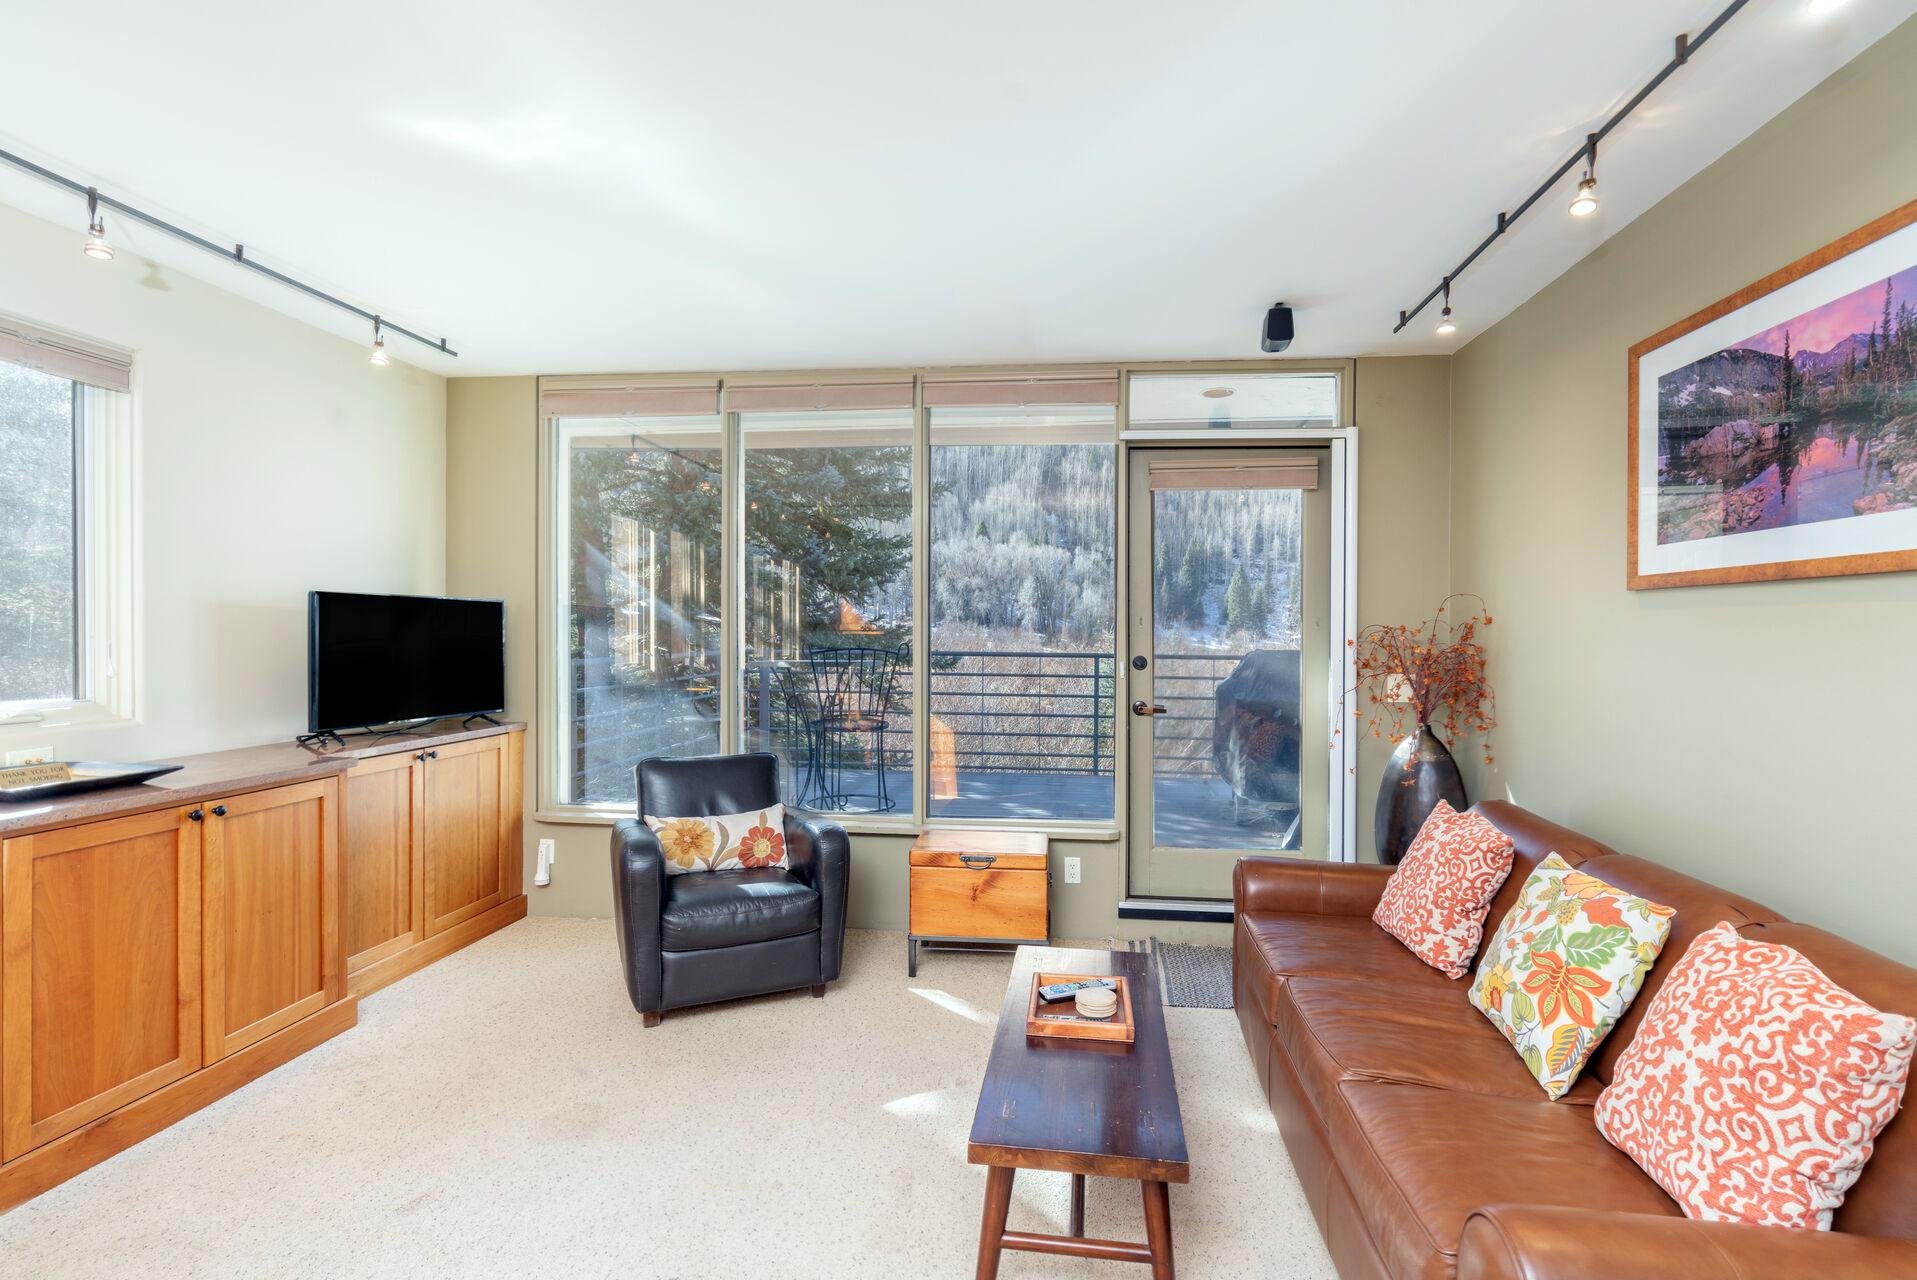 A sofa, chair, tv, a coffee table